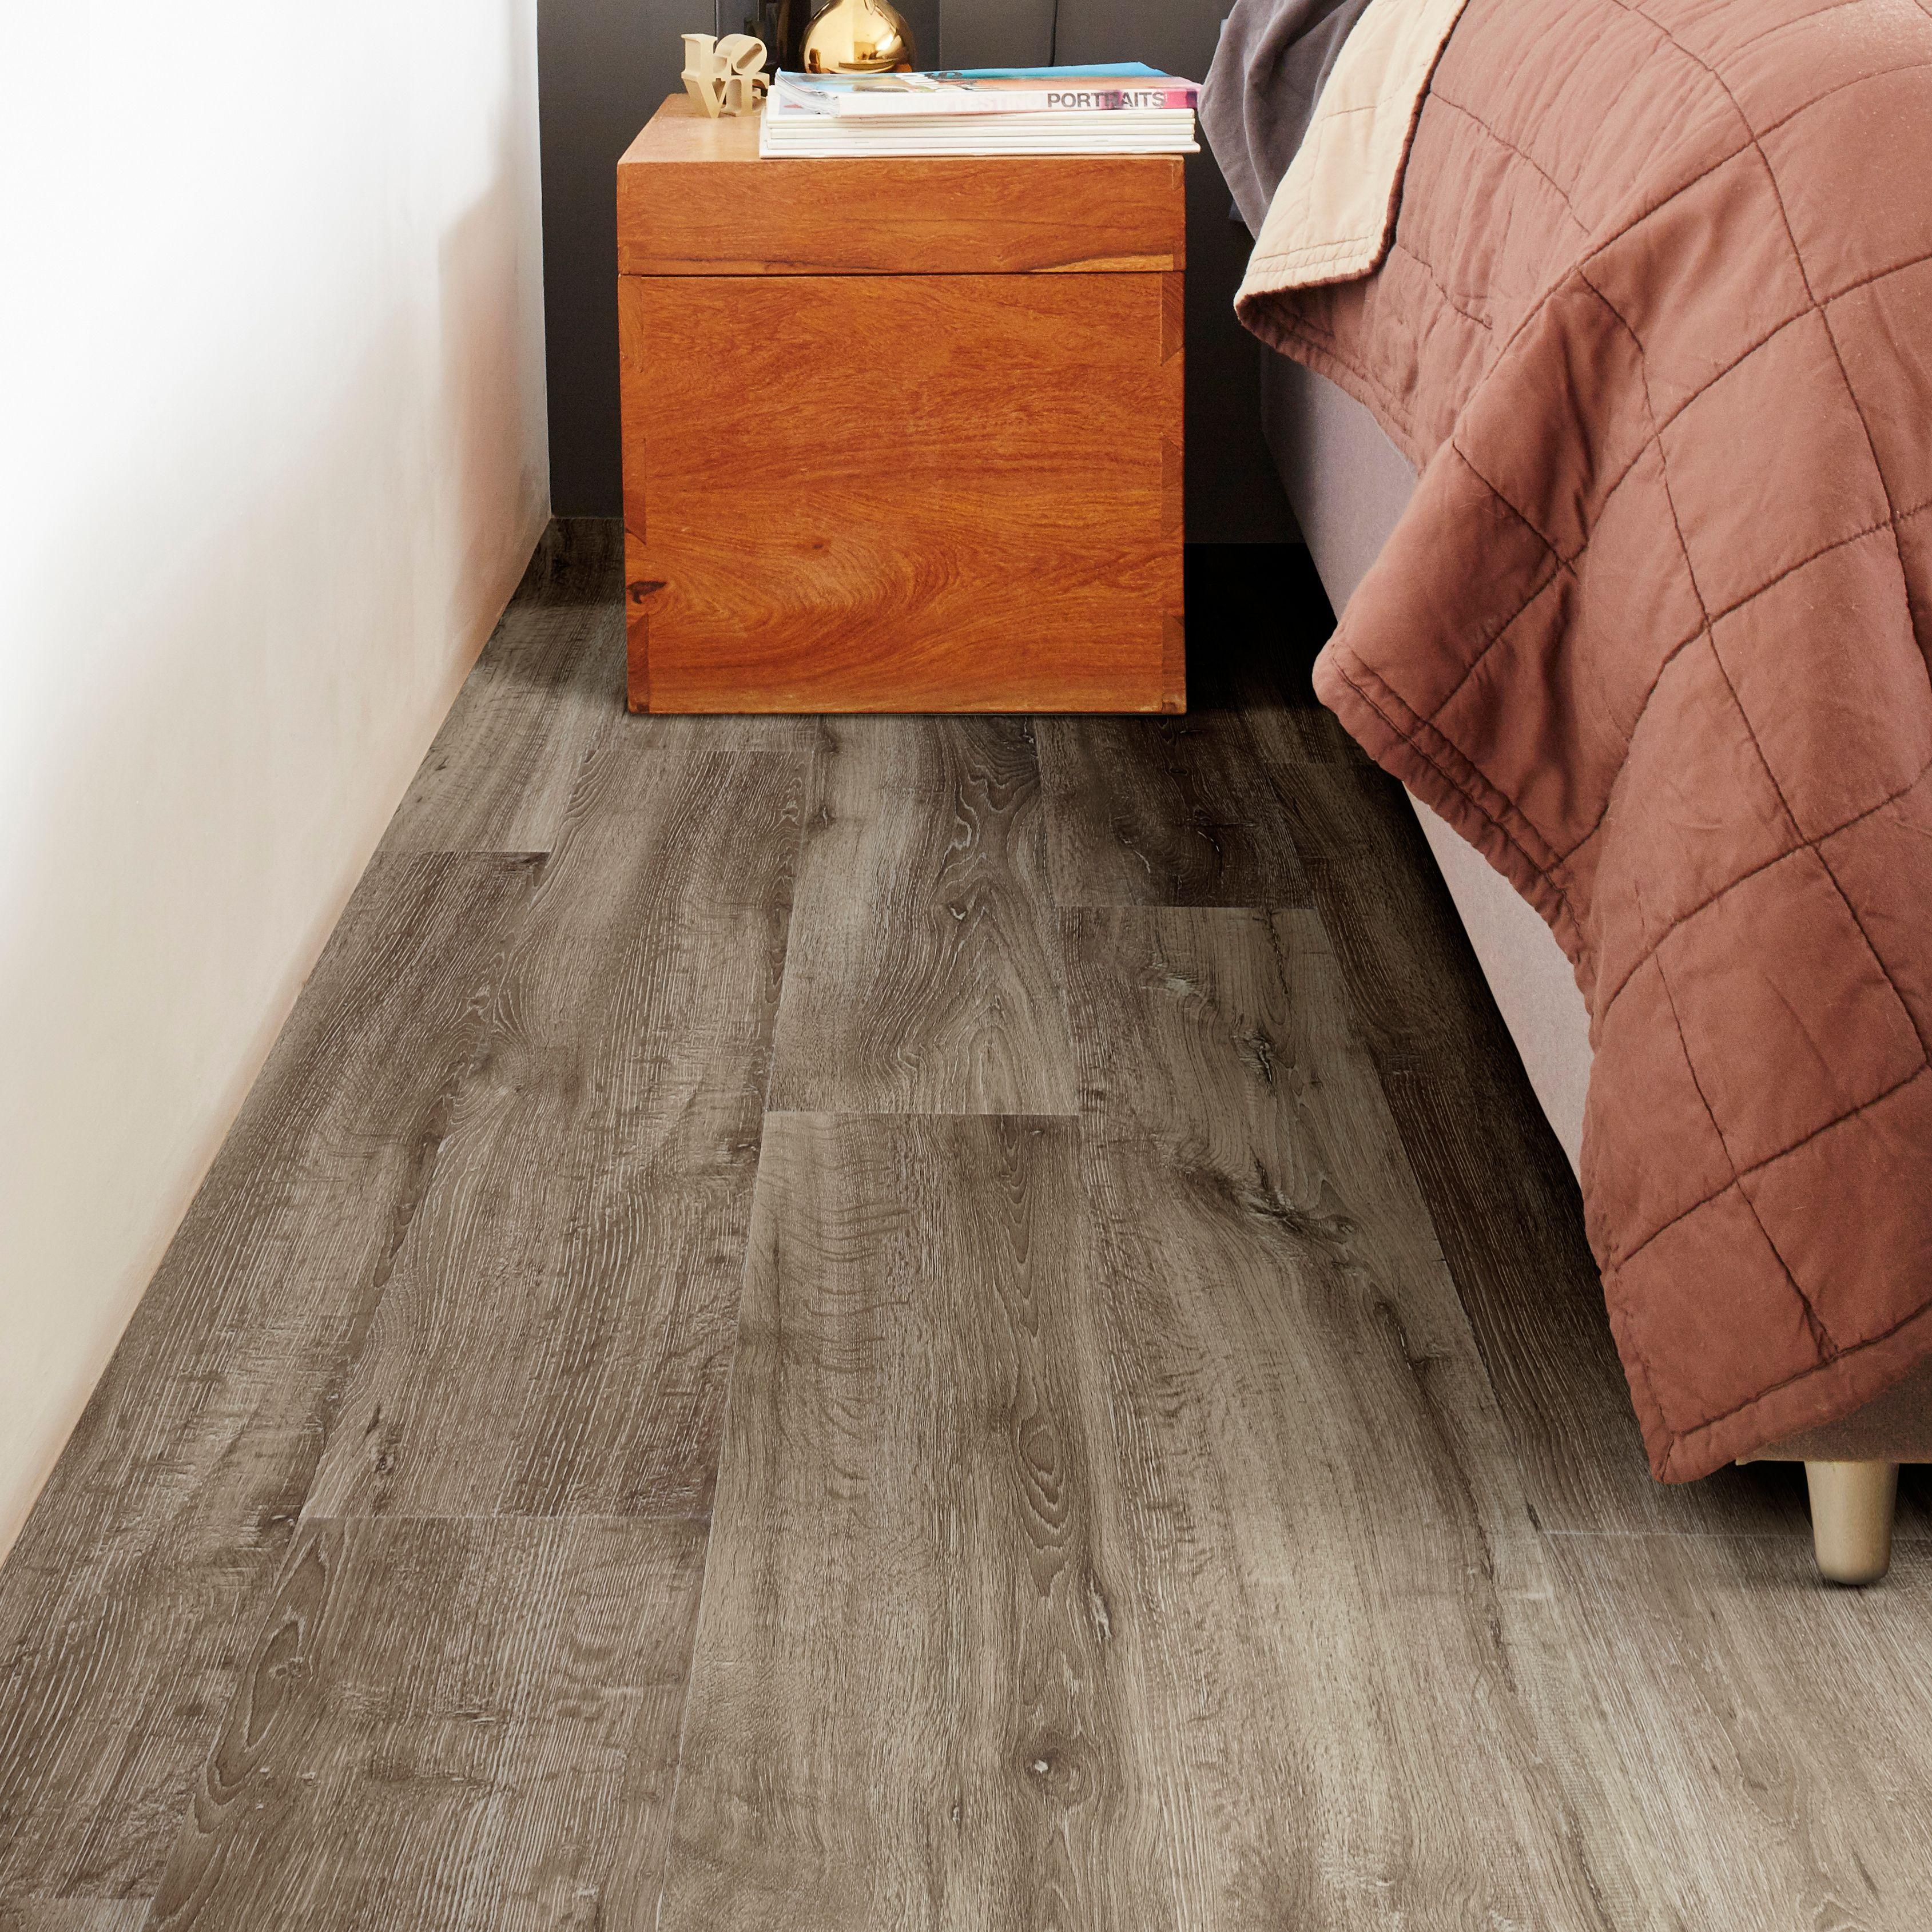 Image Result For Is Vinyl Flooring Waterproof